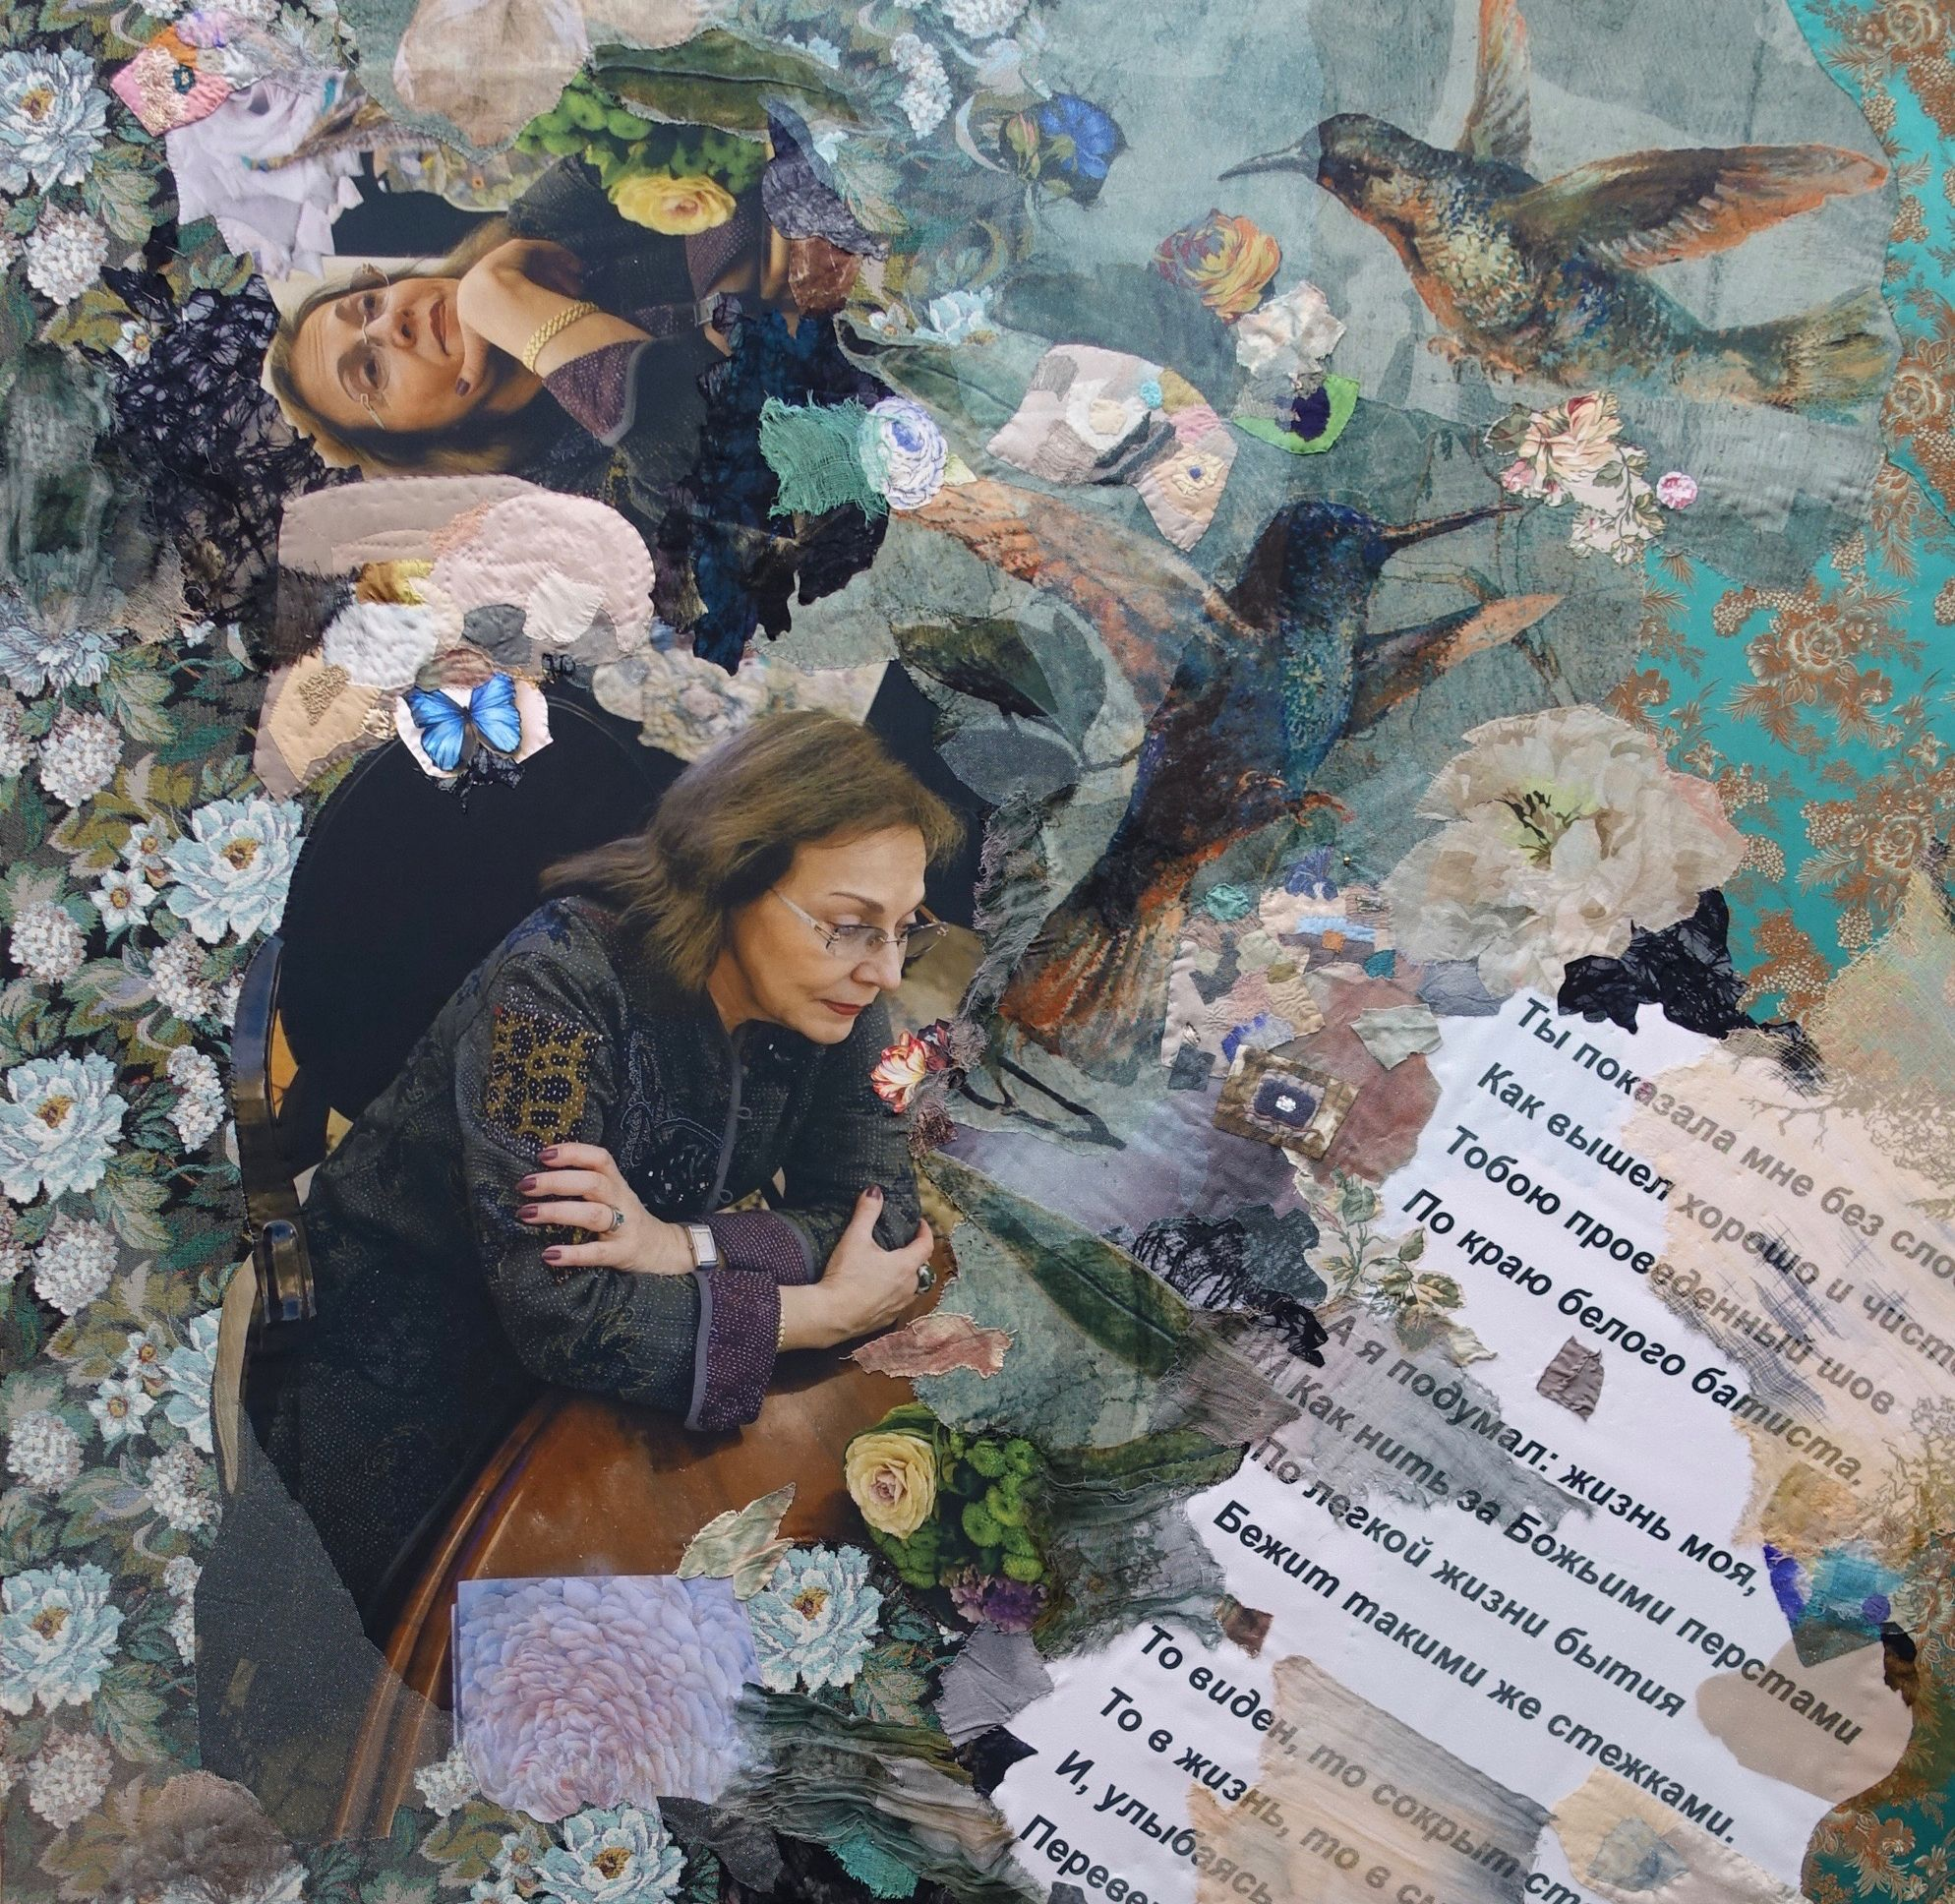 Выставка Натальи Мурадовой «Простые и вечные НИТИ тонкие и неразрывные»